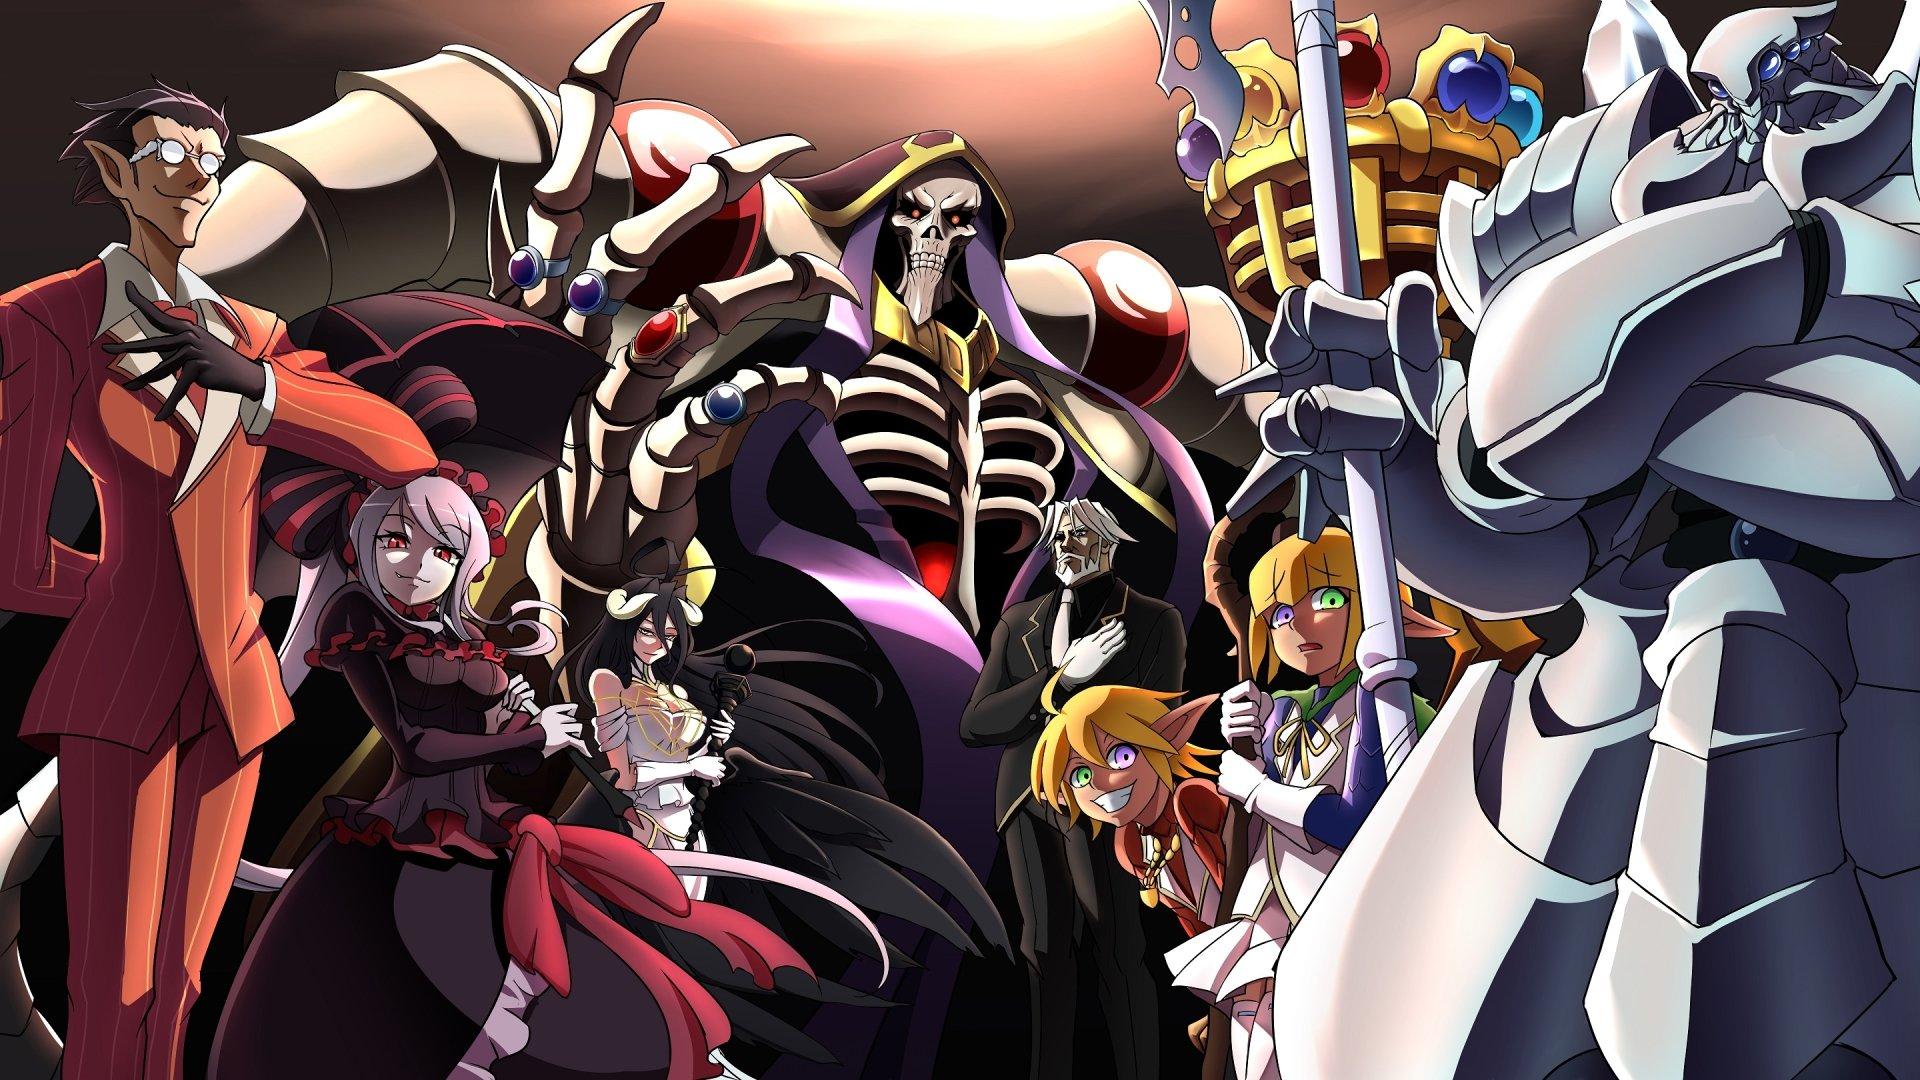 Thông tin rò rỉ liên quan đến season 4 của anime Overlord